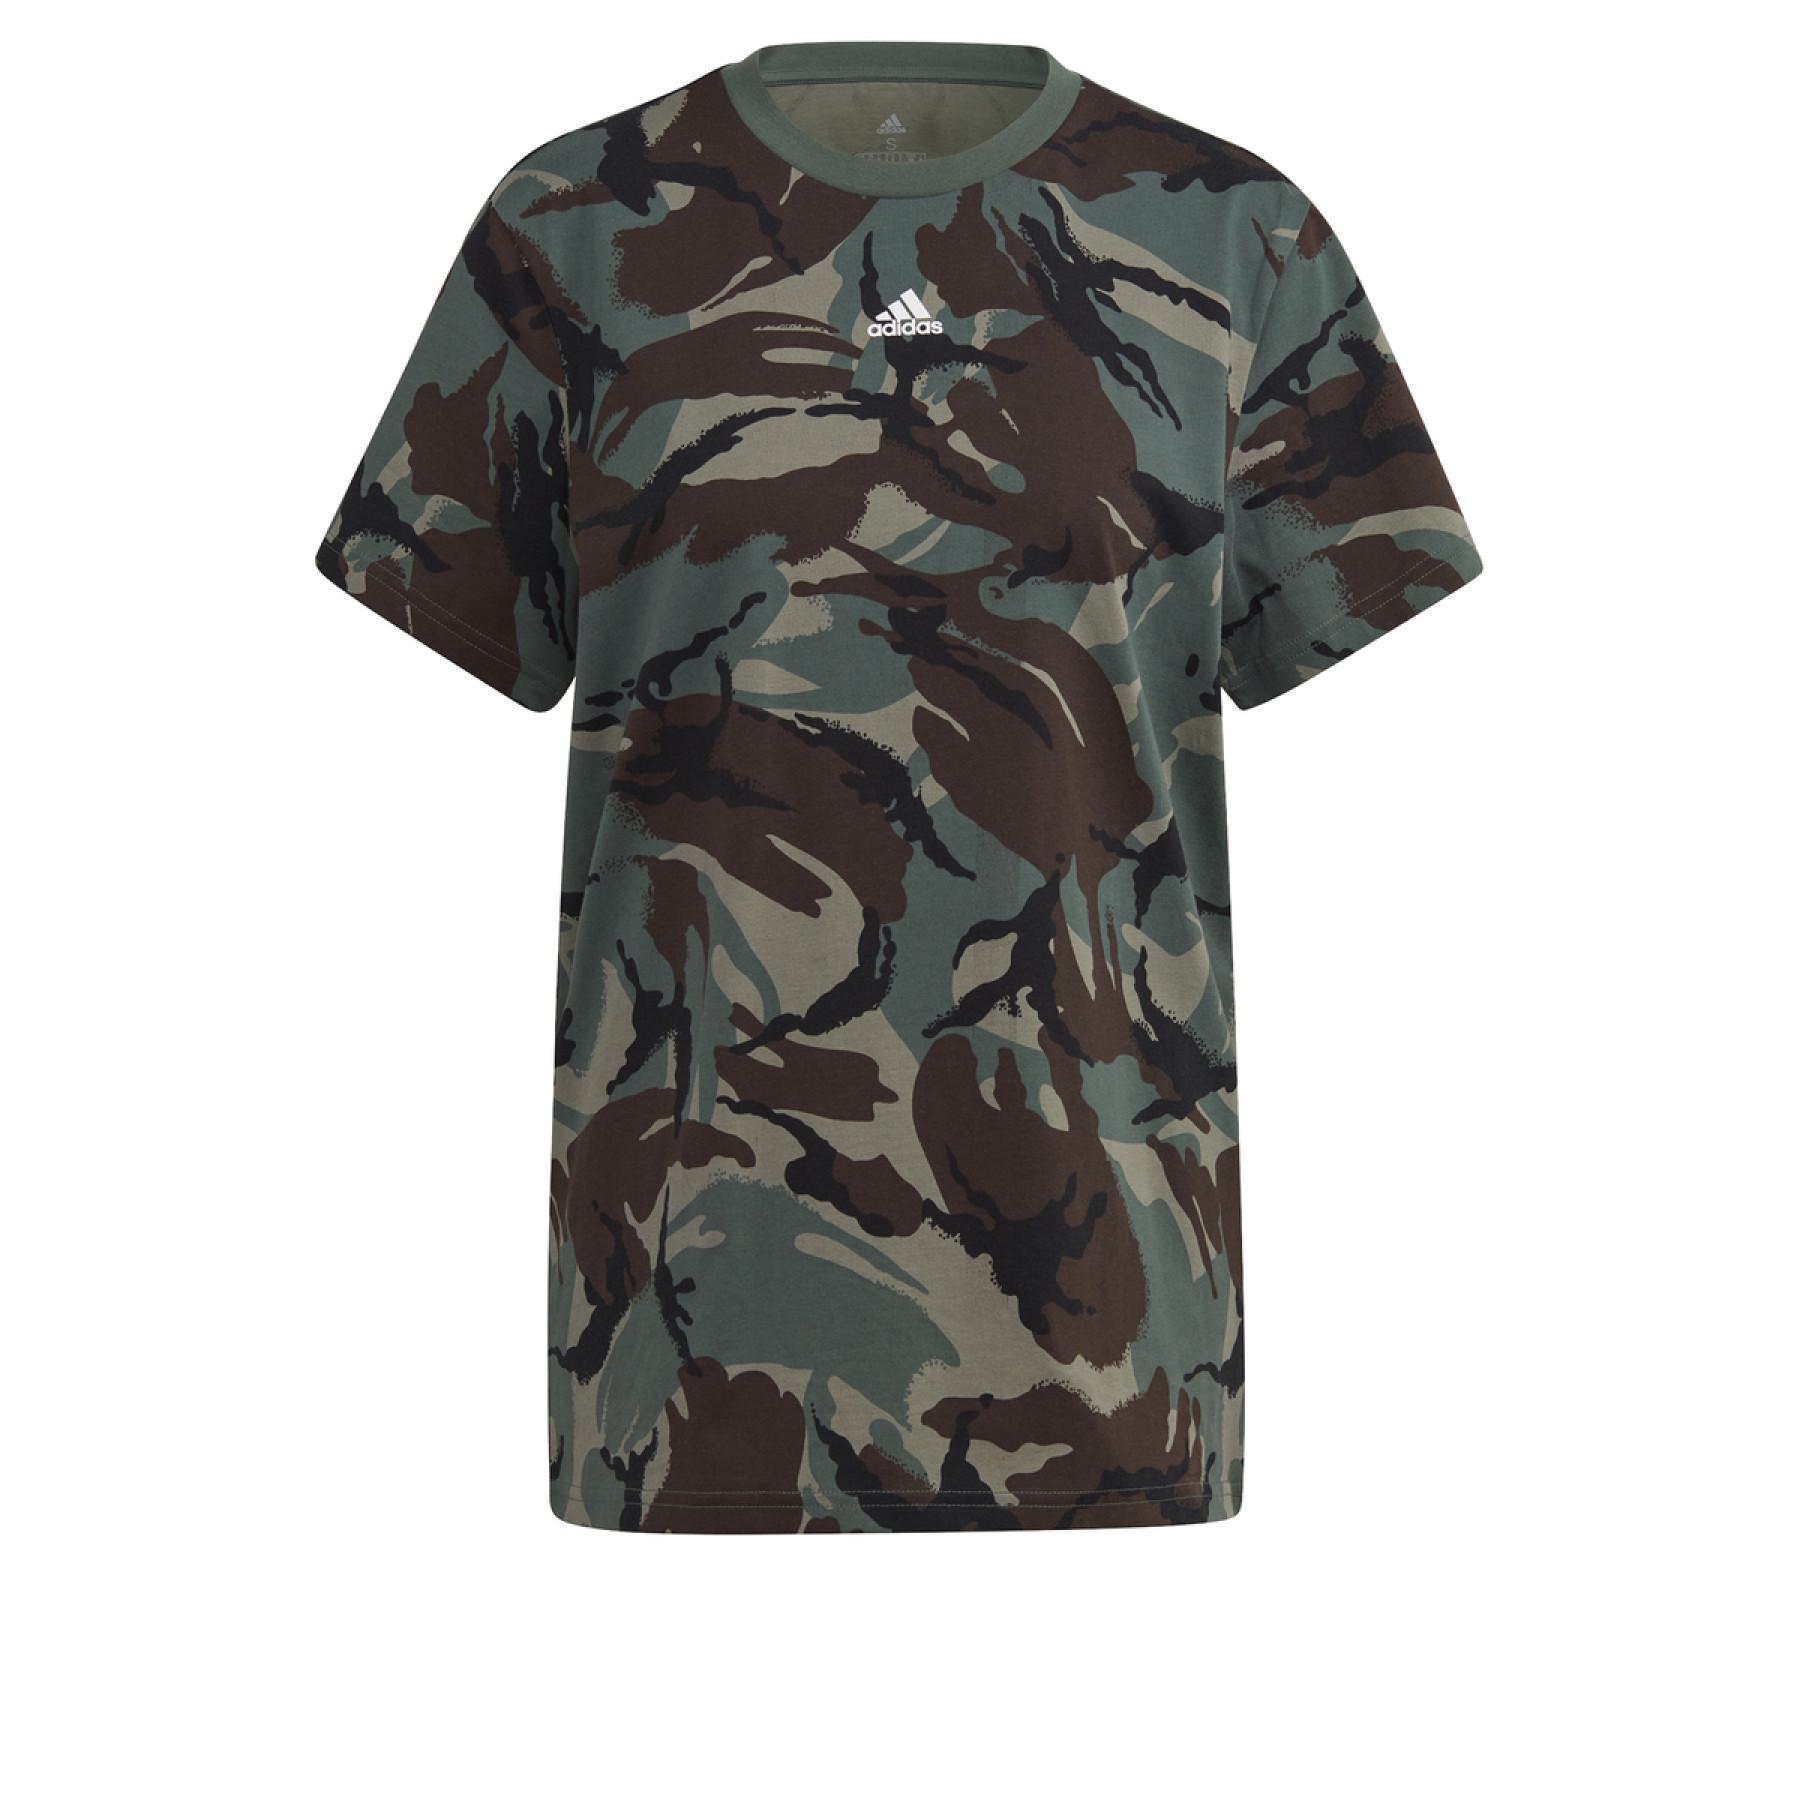 adidas Essentials Boyfriend Camouflage Women's T-Shirt